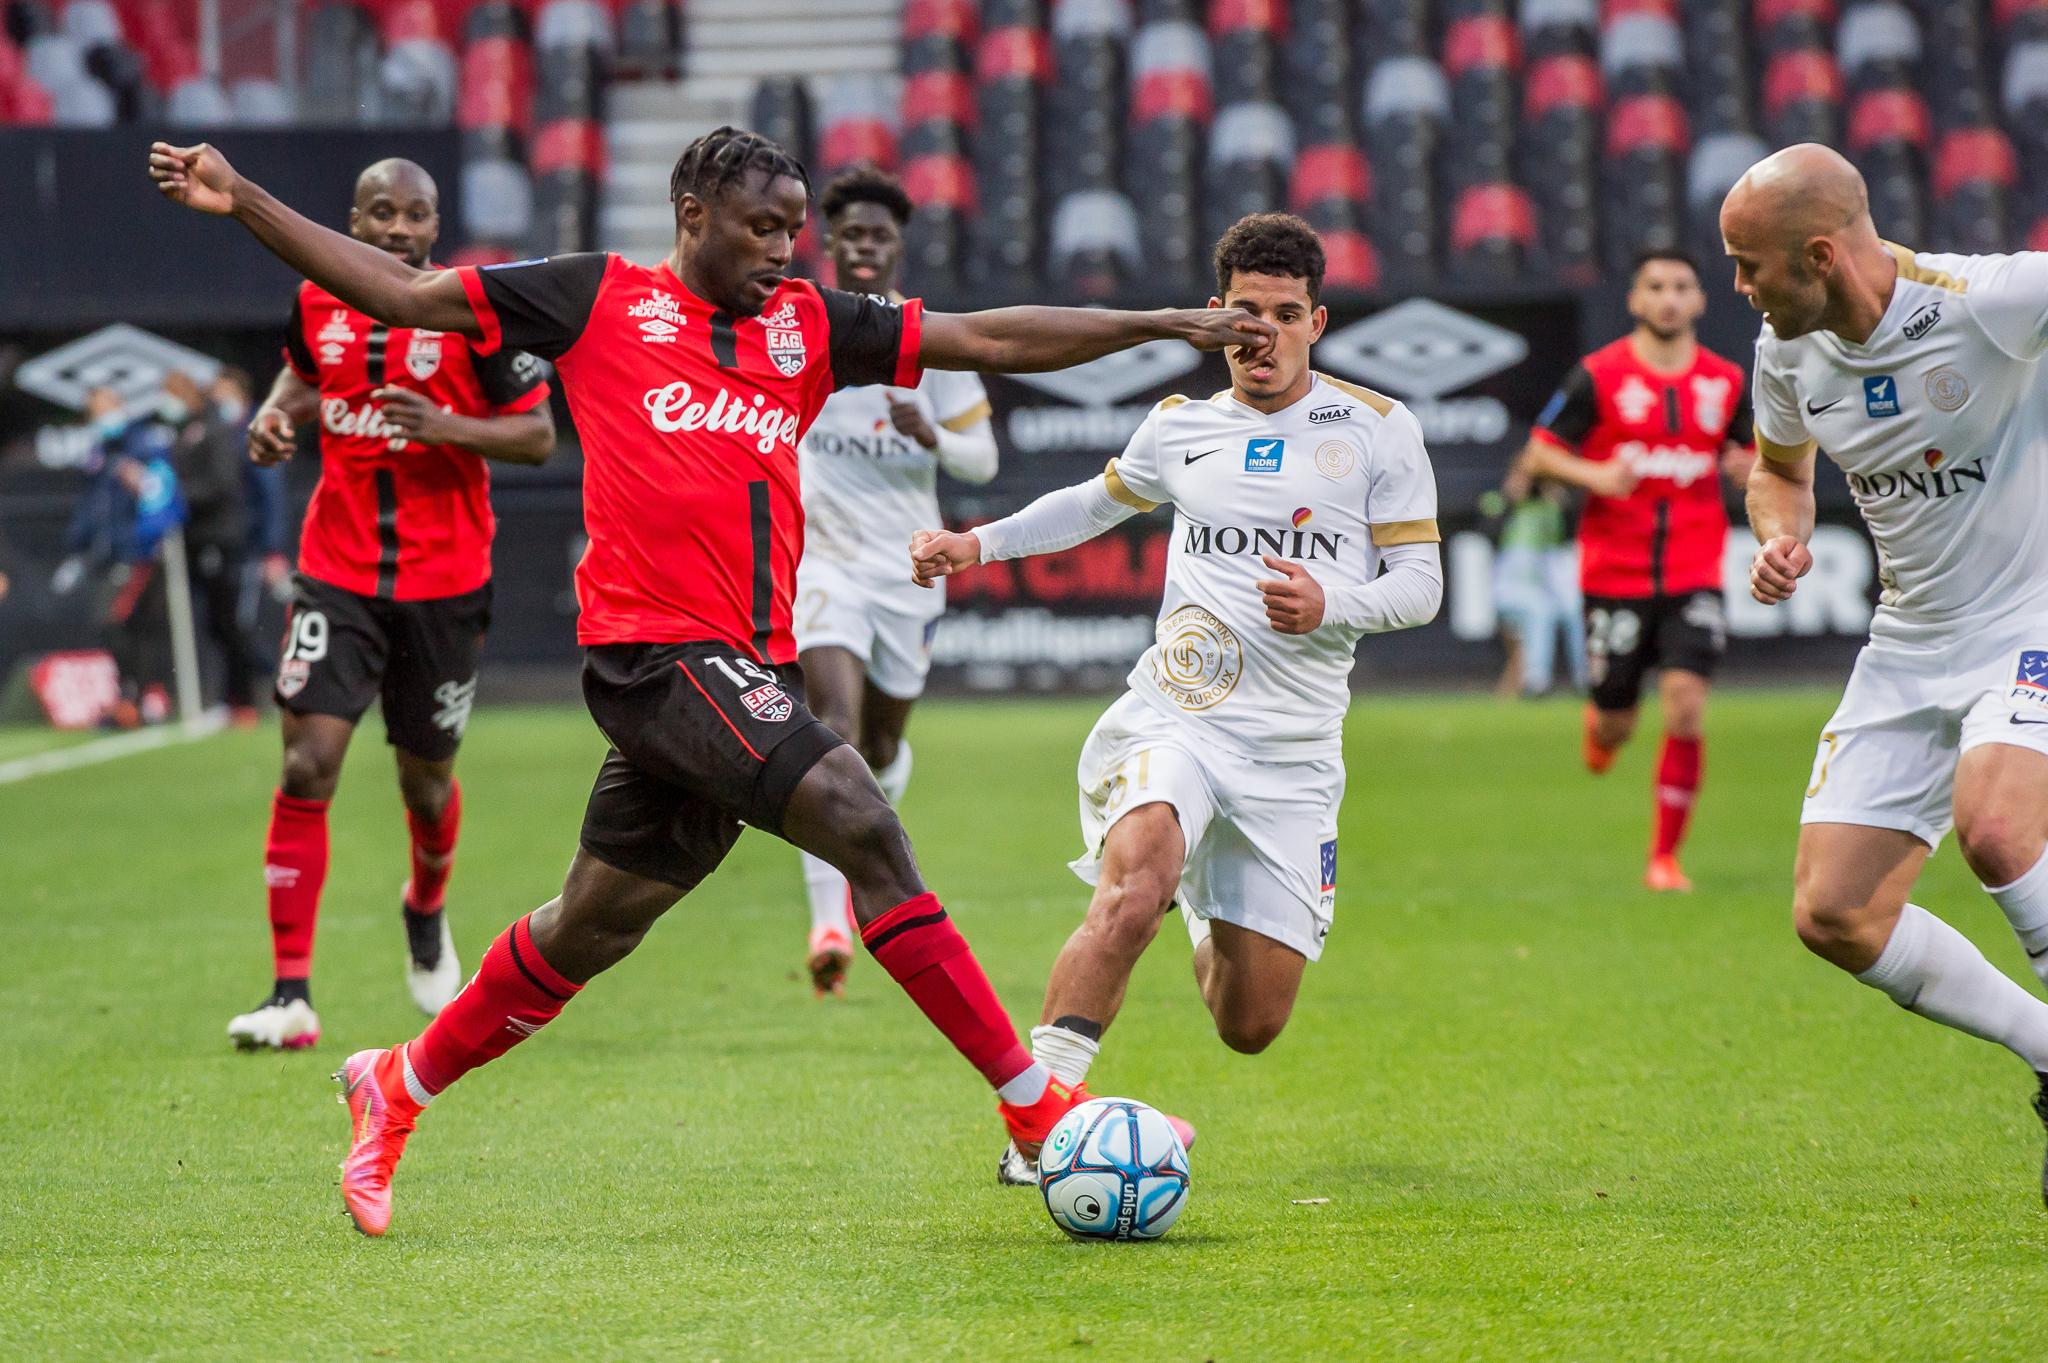 EA Guingamp La Berrichonne Châteauroux J37 Ligue 2 BKT EAGLBC 2-0 Stade de Roudourou FRA_5703